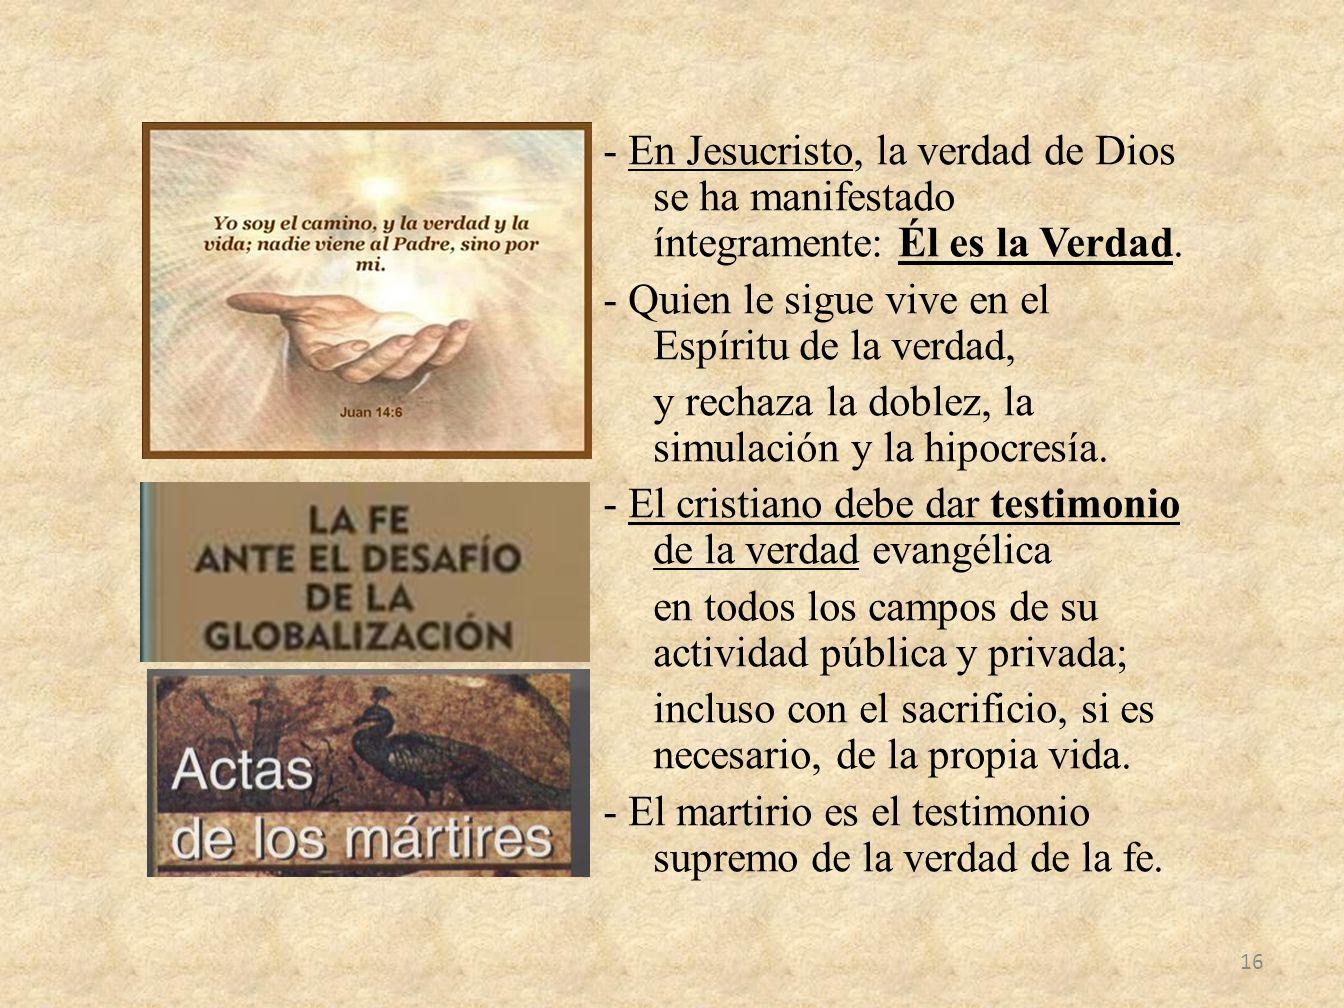 - En Jesucristo, la verdad de Dios se ha manifestado íntegramente: Él es la Verdad.